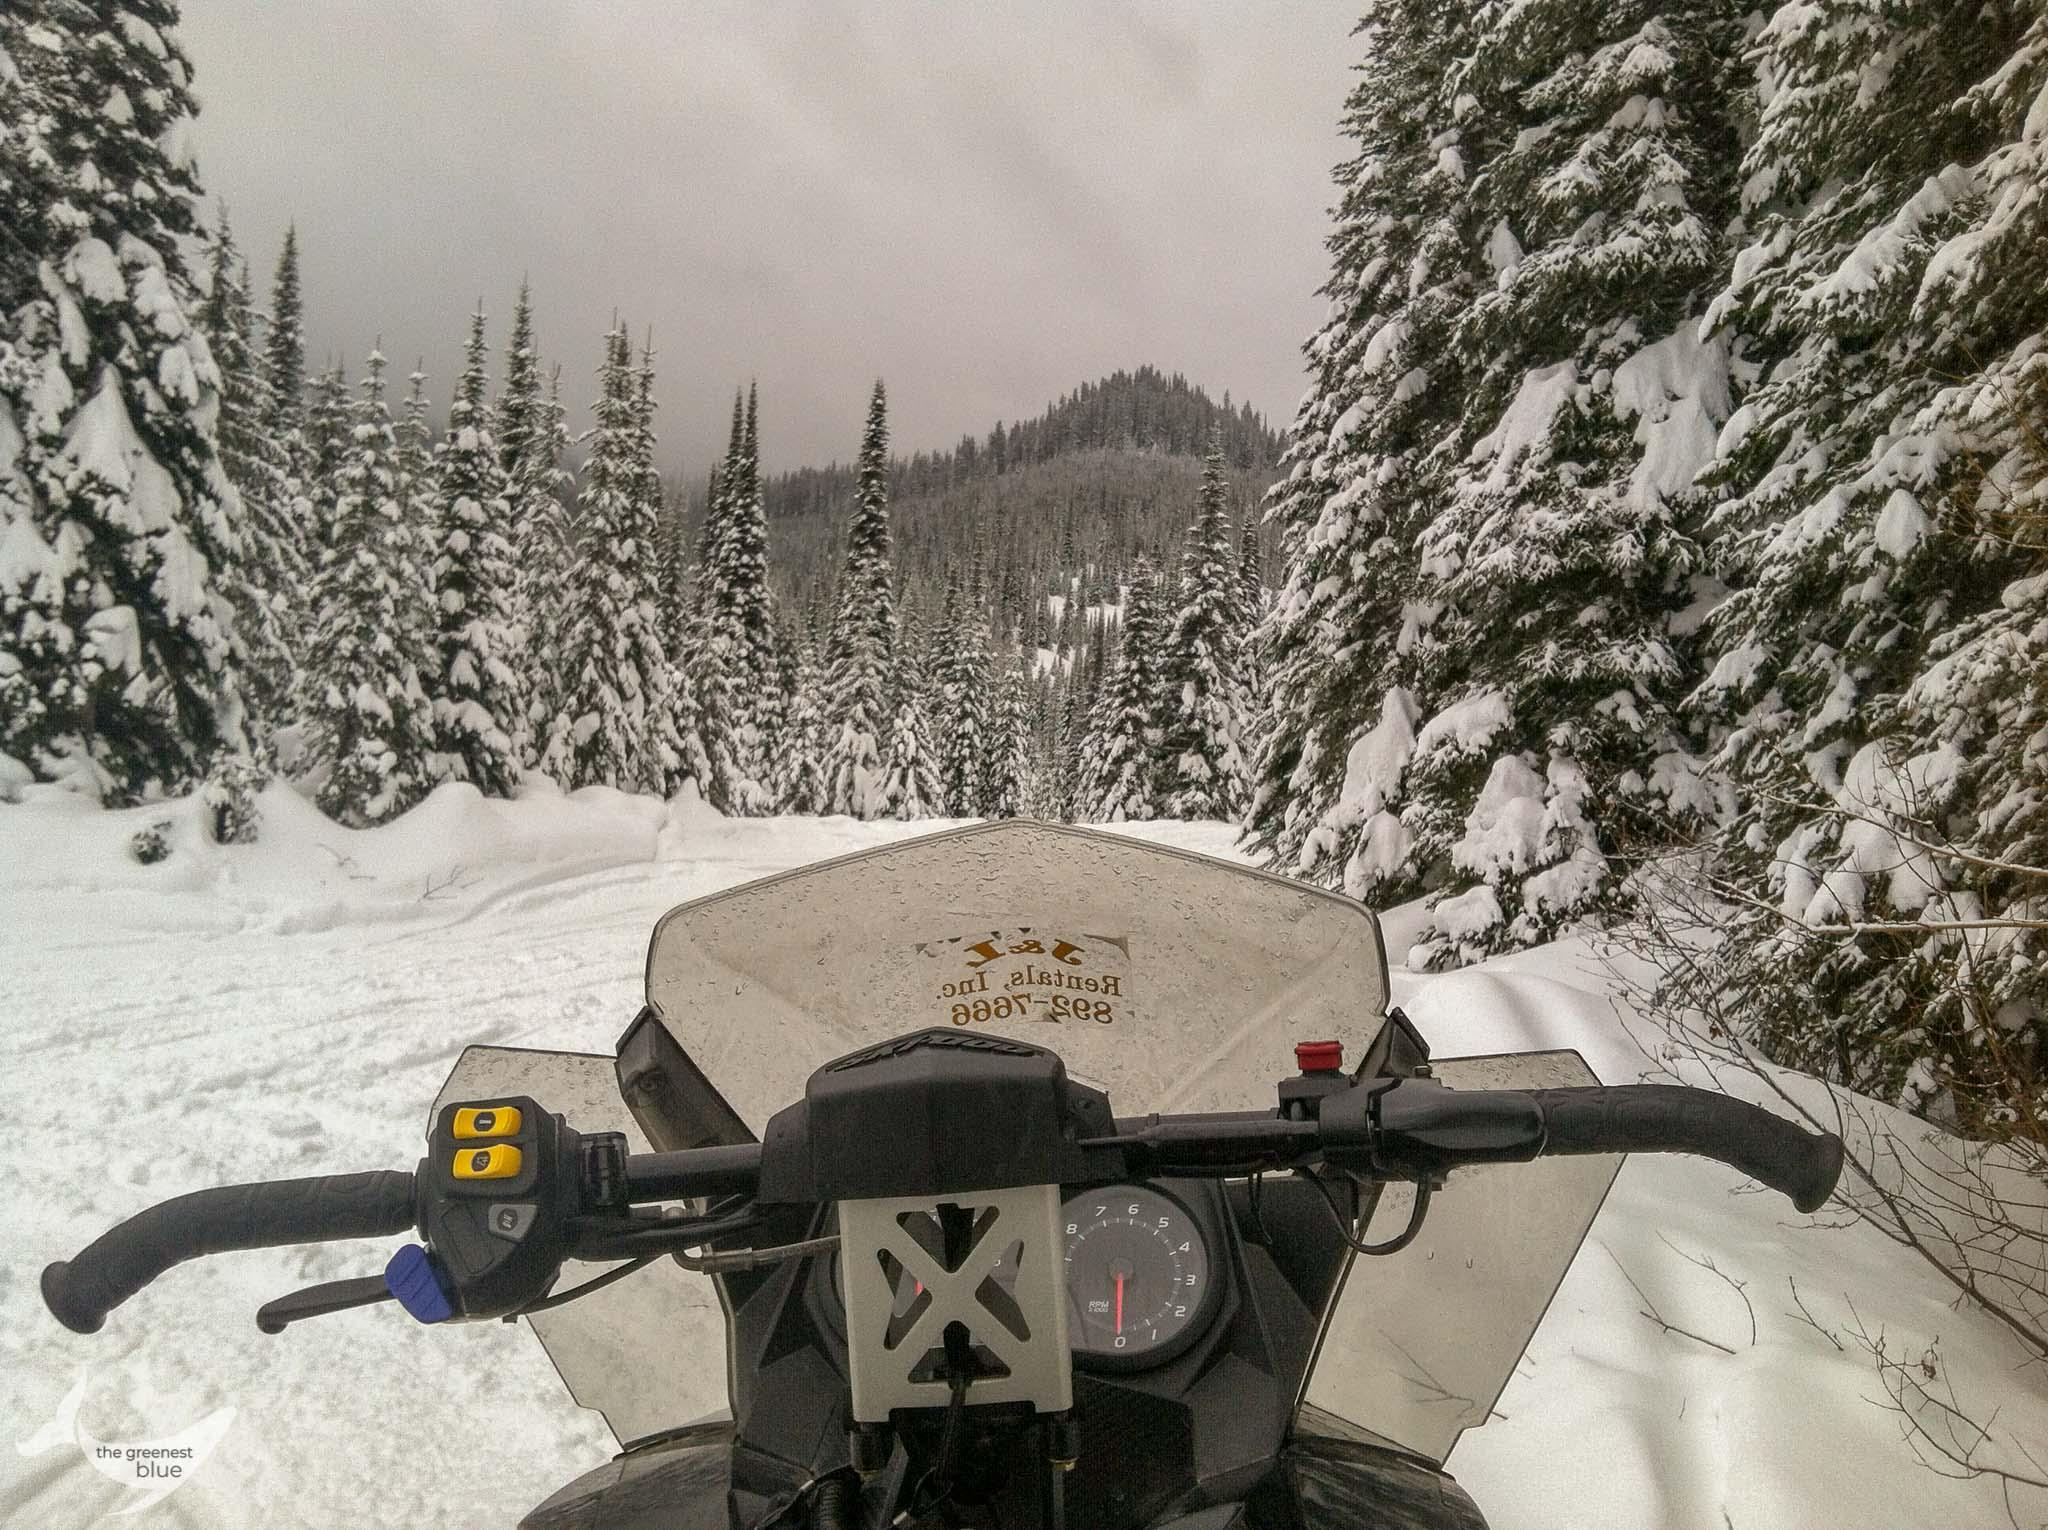 Winter in Coeur d'Alene, Idaho